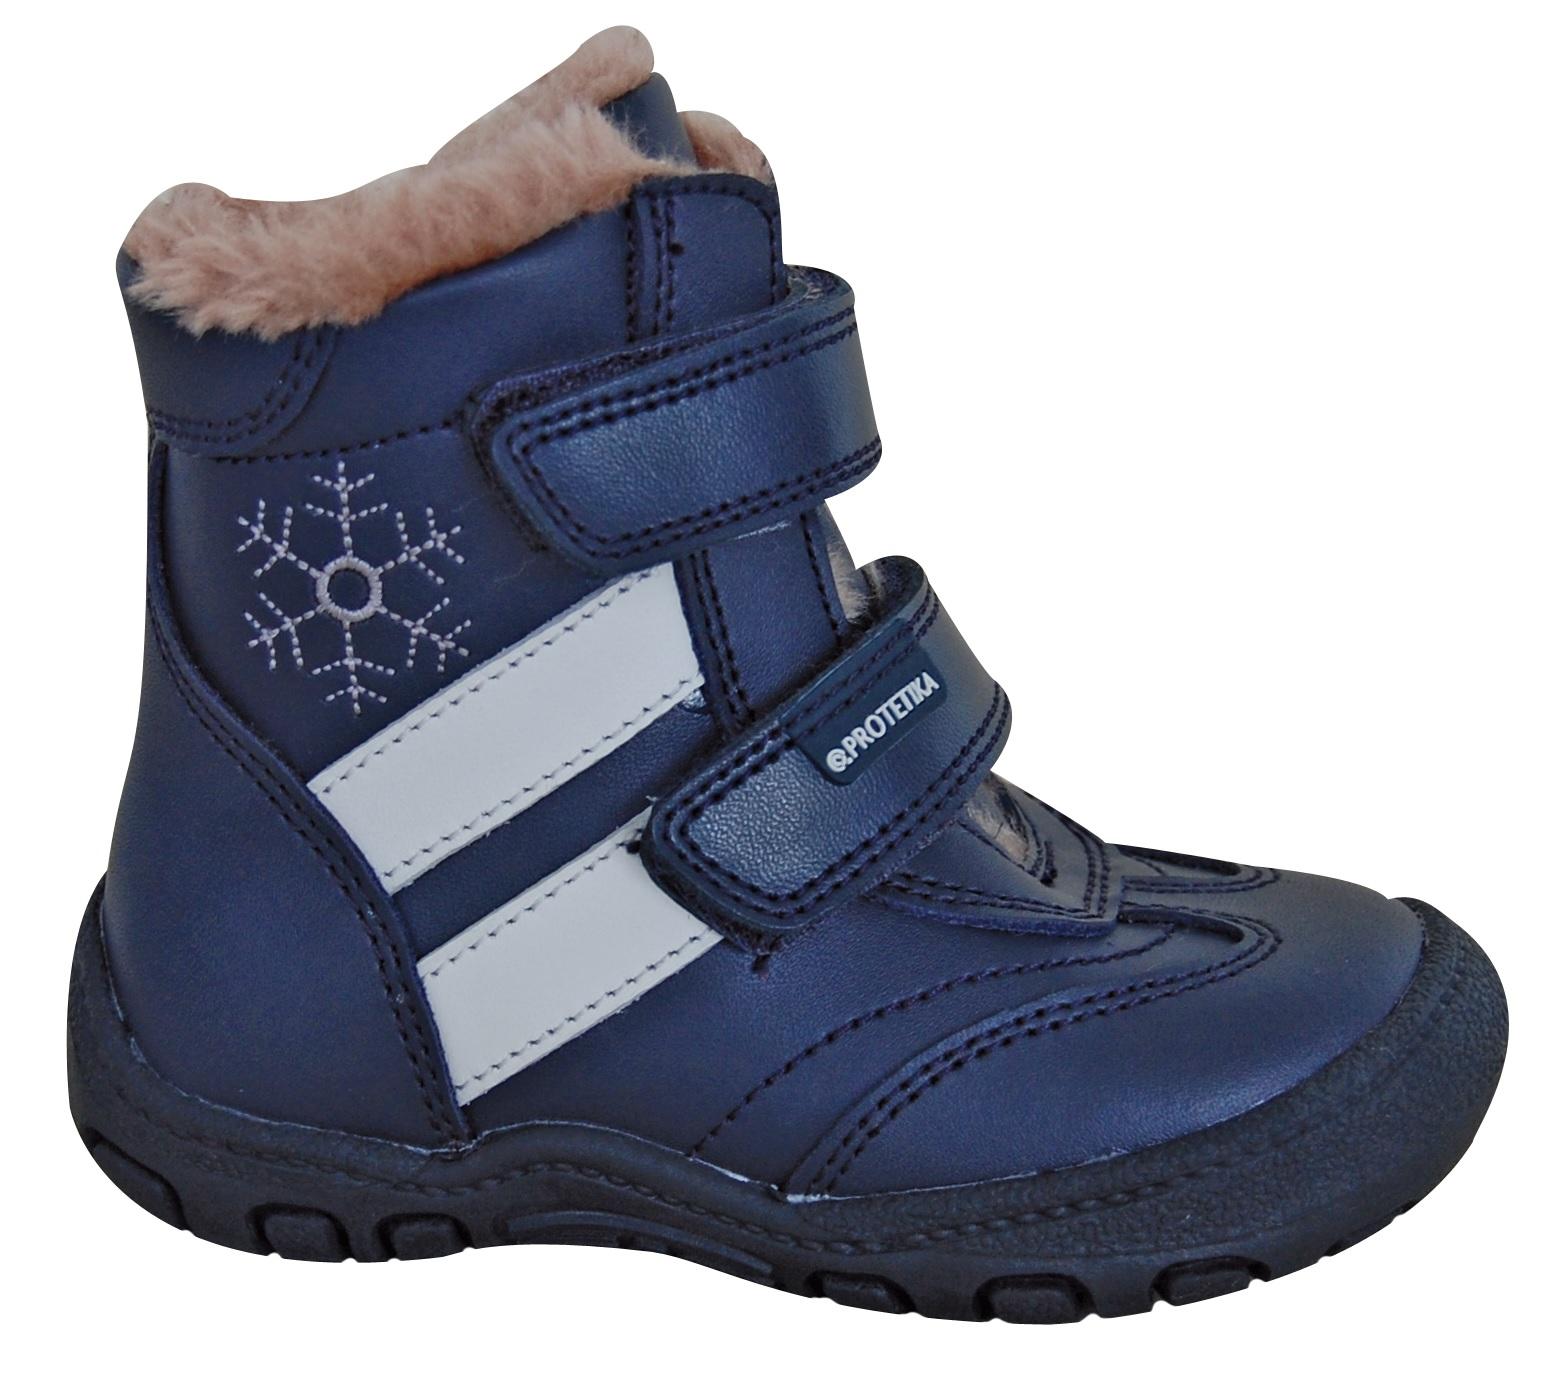 d7f357747 Protetika Chlapčenské zimné topánky Berger - modré, EUR 22 ...